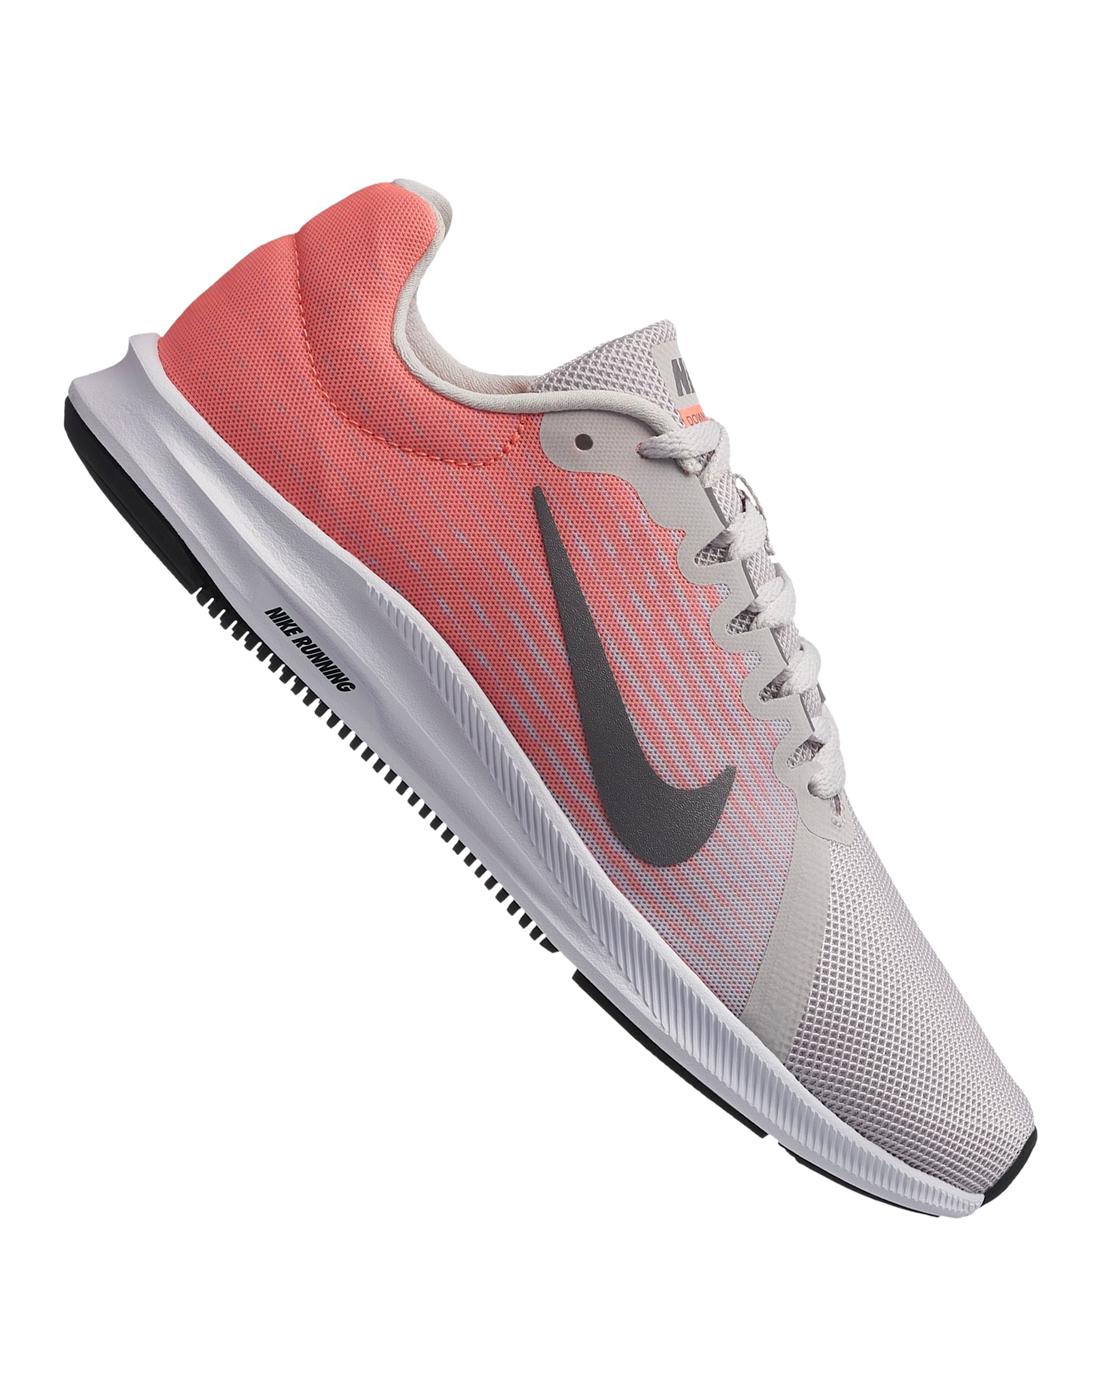 470fa3d86ba Nike. Womens Downshifter 8. Womens Downshifter 8 ...